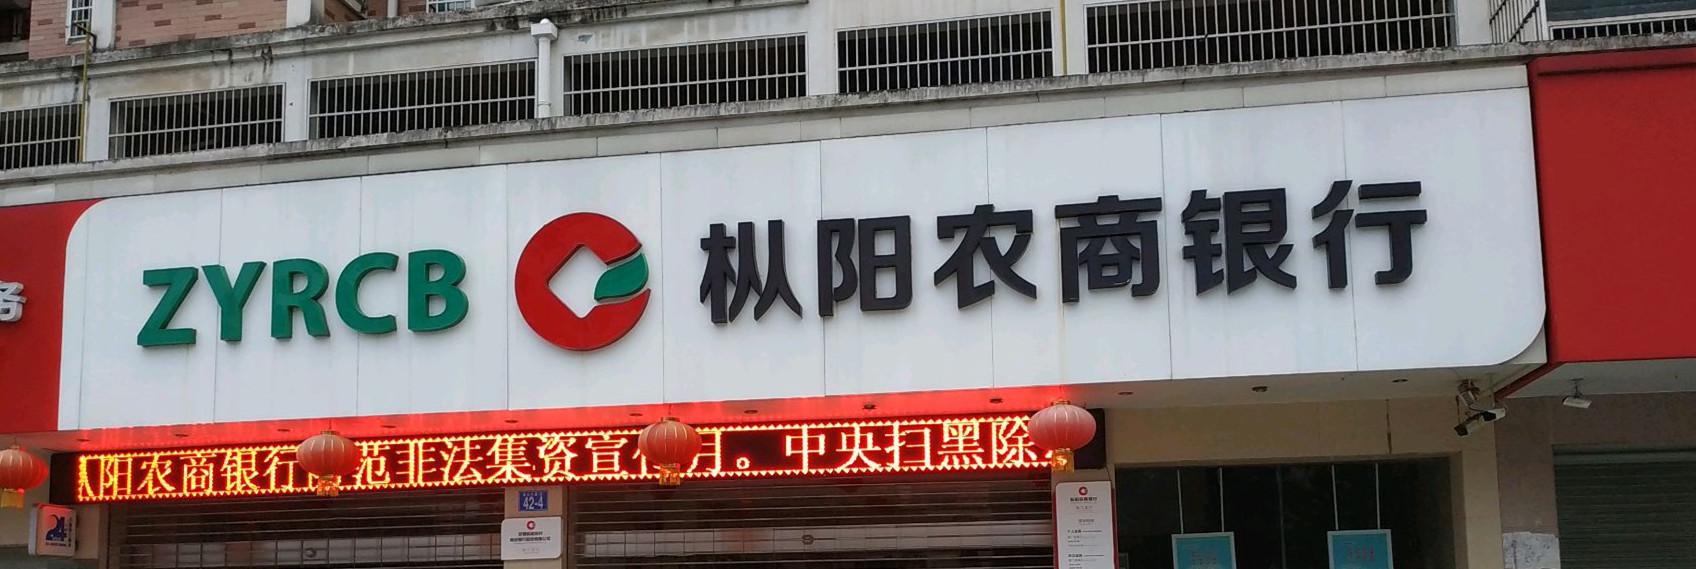 违规投资非标准化债权资产 安徽枞阳农商银行受罚30万元_处罚